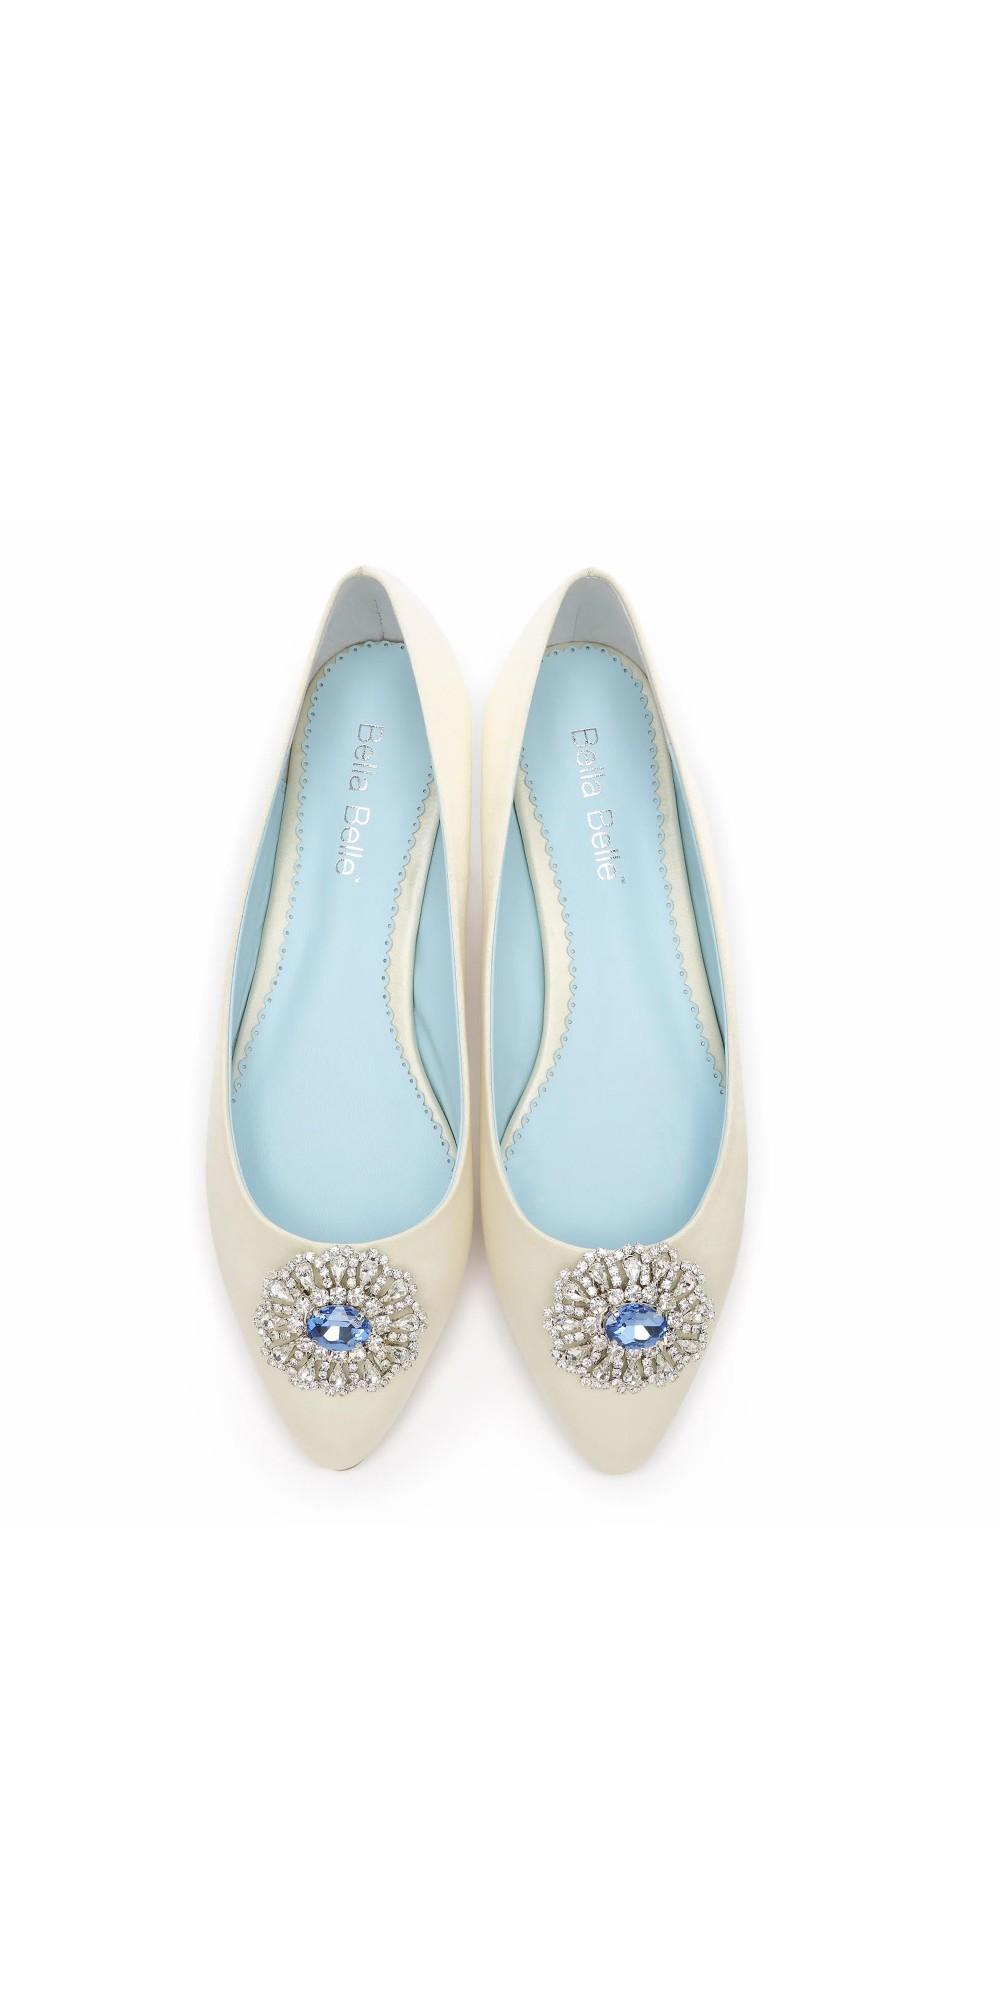 Edwardian Shoes & Boots Jackie Bridal Flats $289.00 AT vintagedancer.com